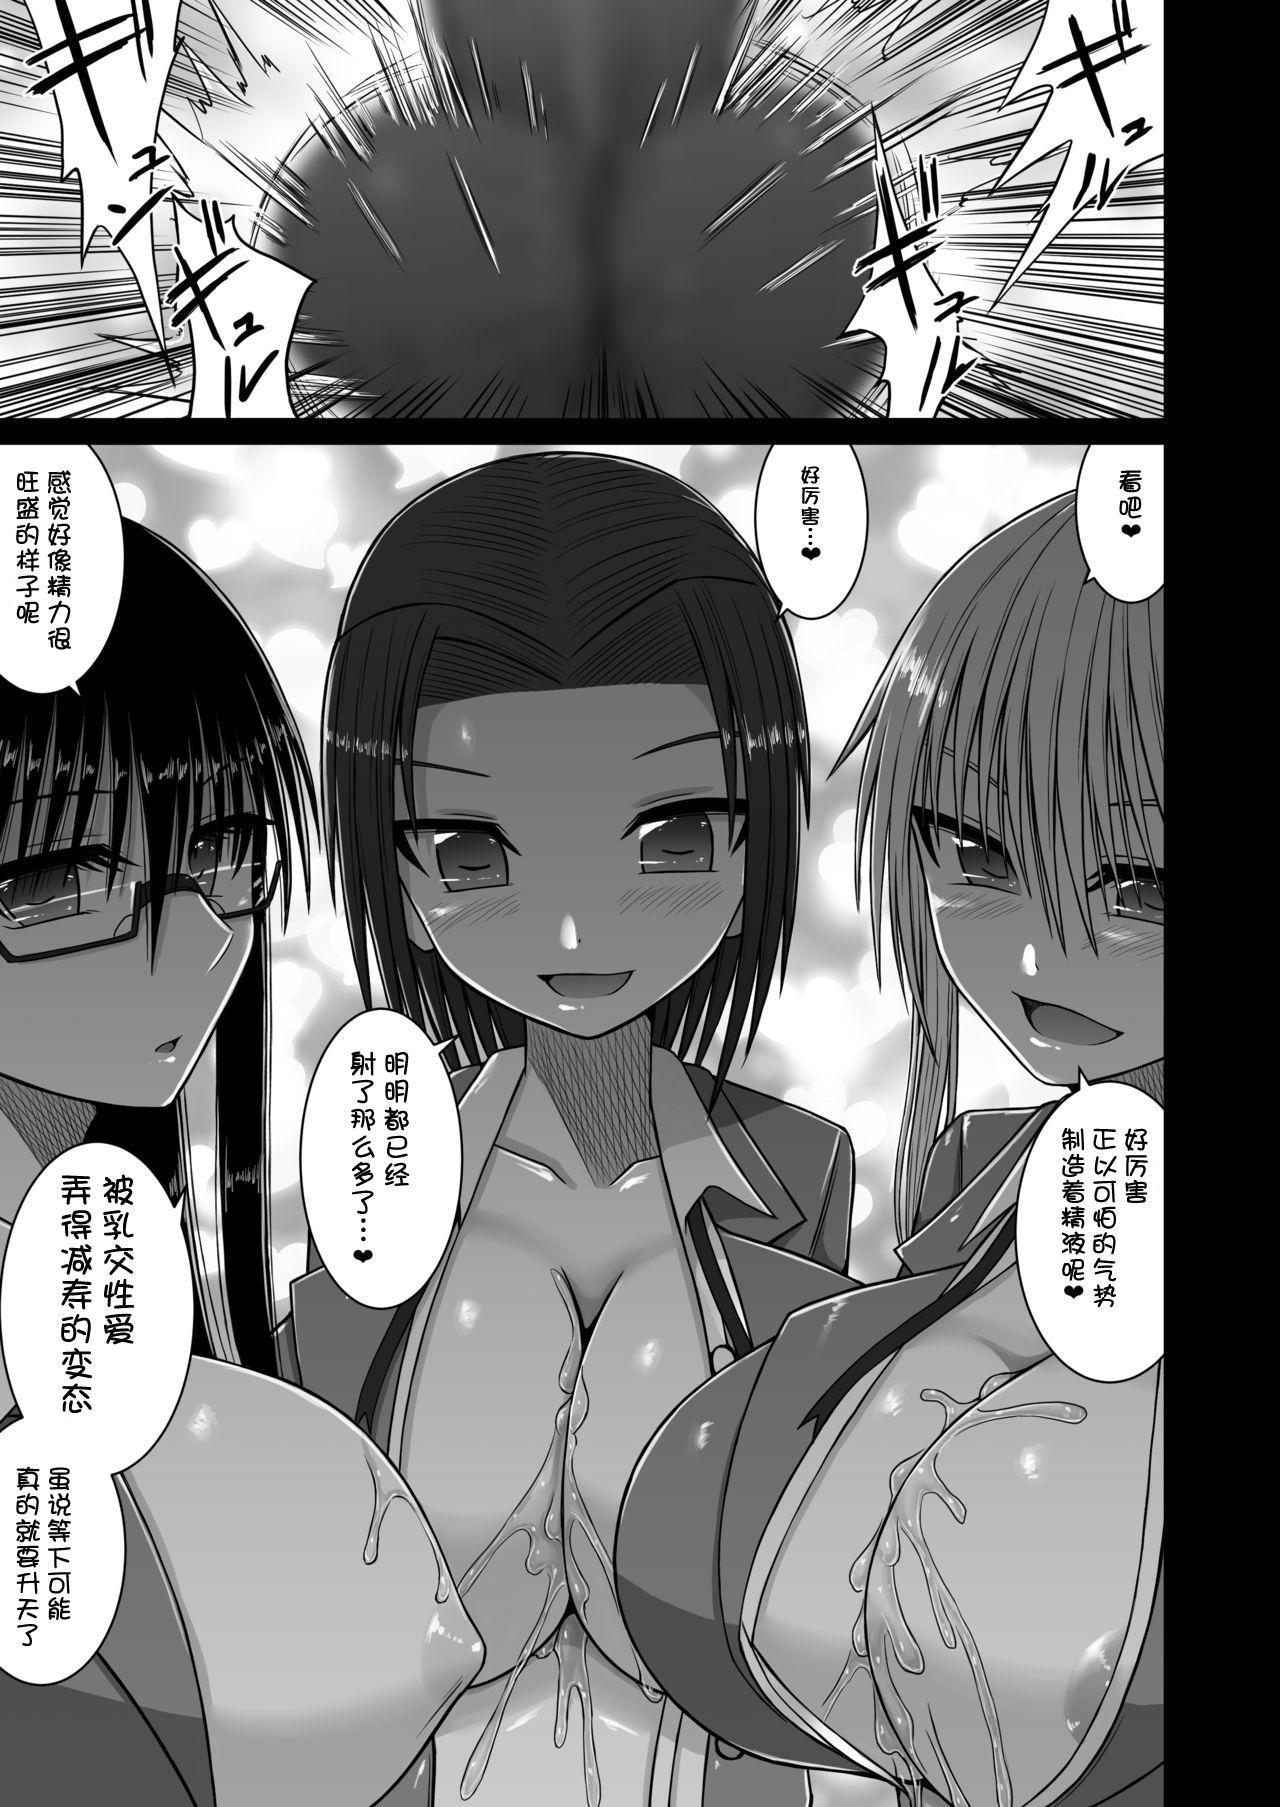 Erochichi Joshikousei ni Shinu hodo Shiboritorareru 16